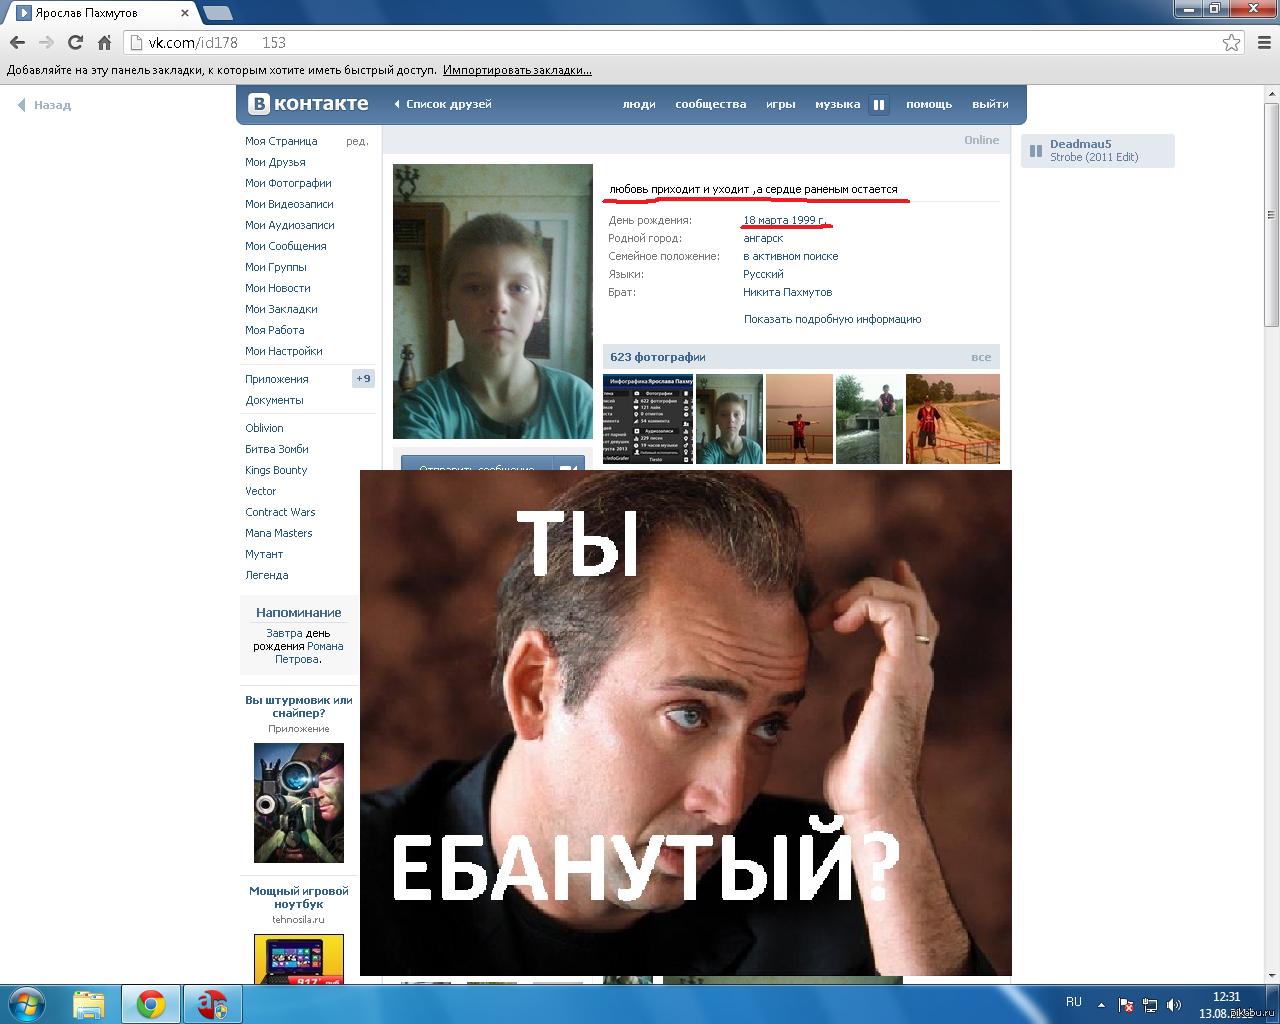 veseloe-porno-vkontakte